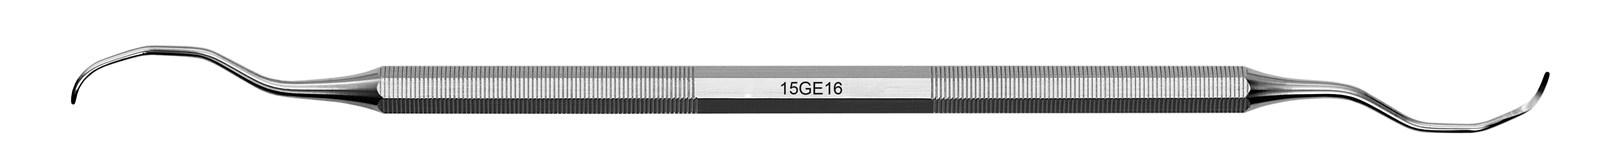 Kyreta Gracey Classic - 15GE16, ADEP silikonový návlek světle zelený